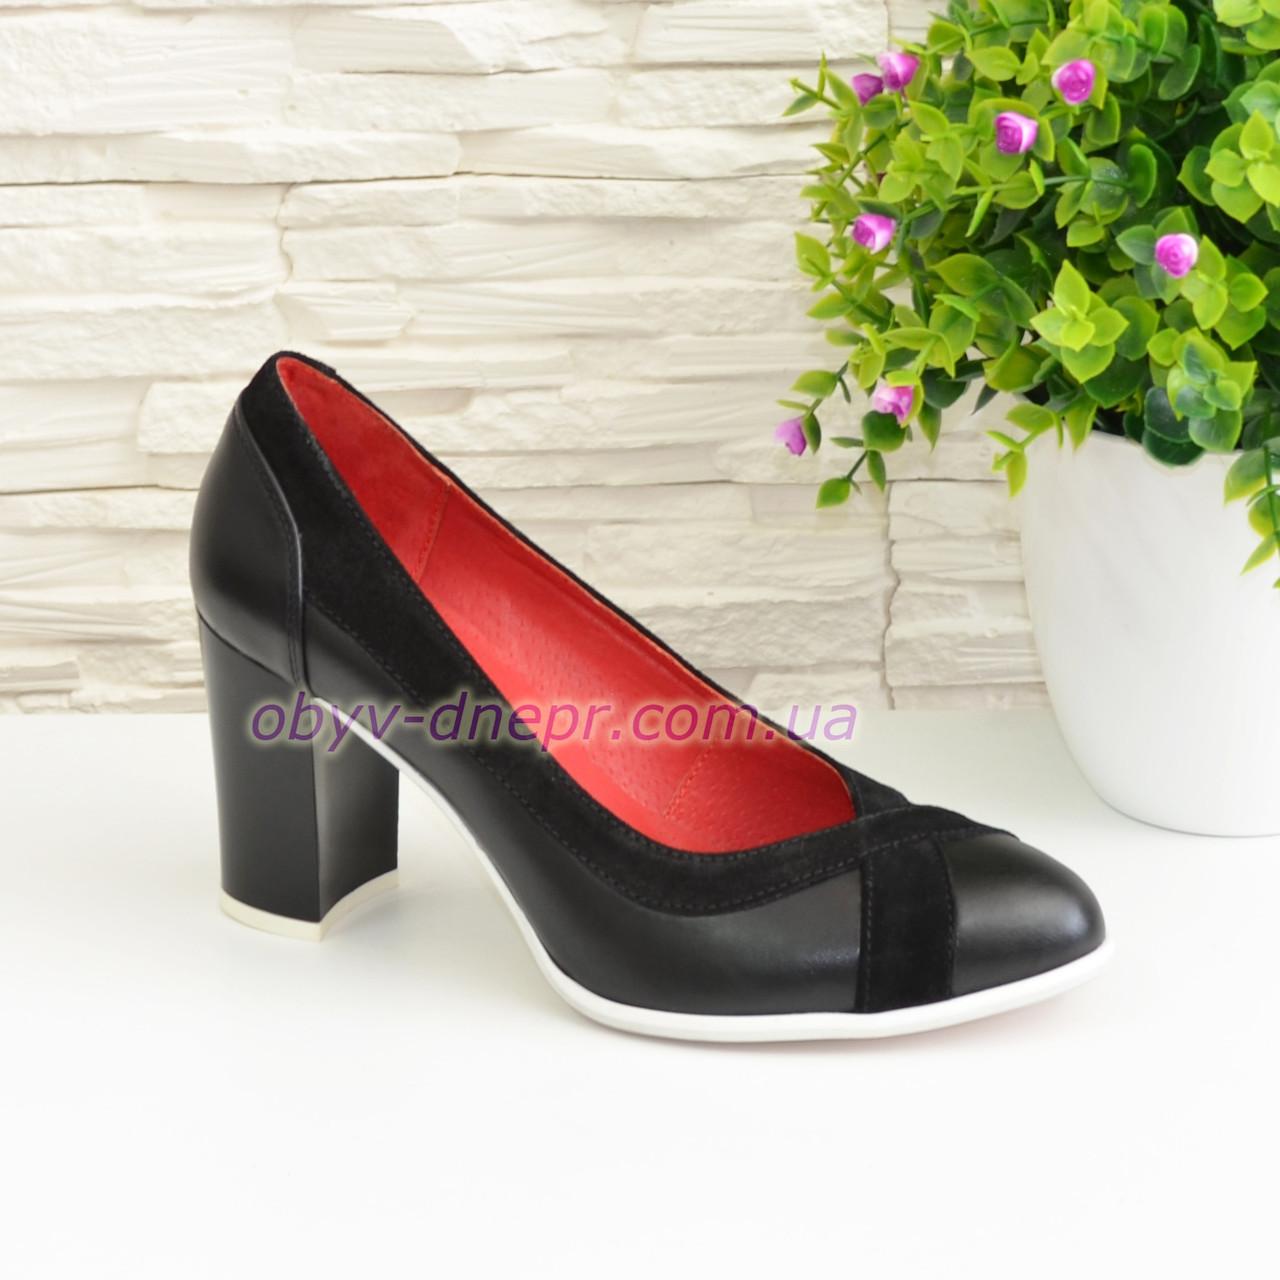 Туфли женские классические на каблуке, декорированы замшевыми вставками.